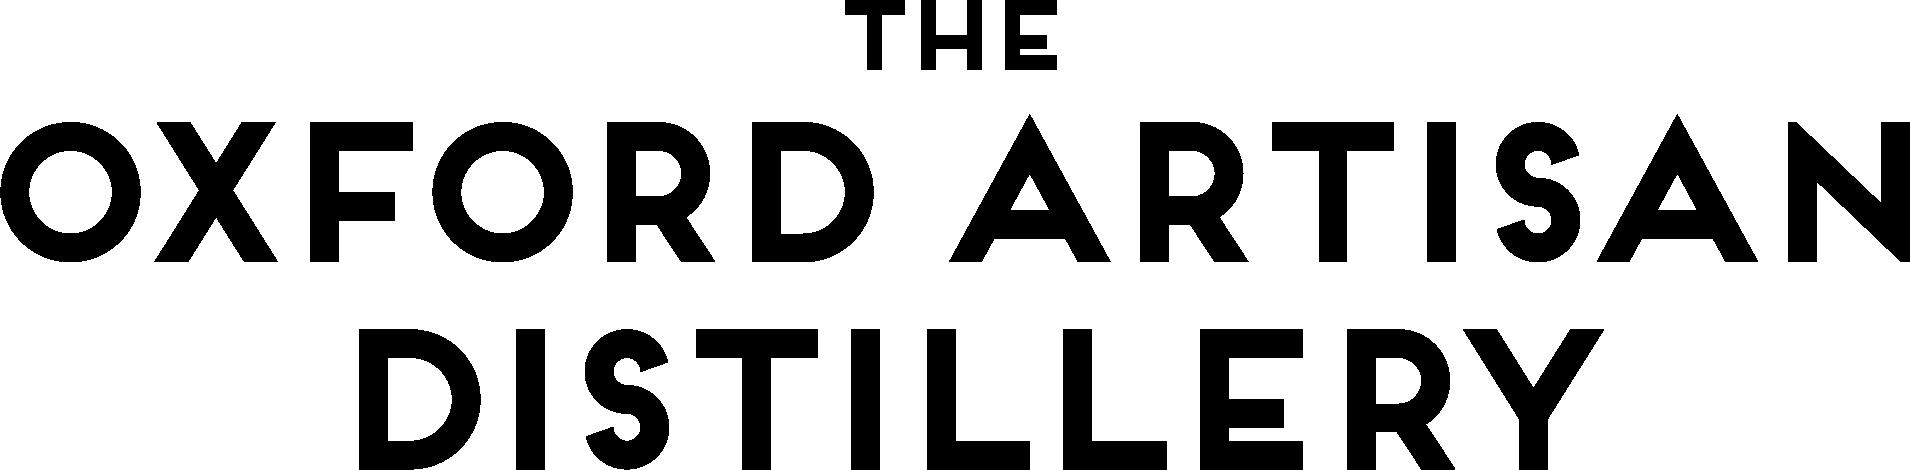 Oxford Artisan Distillery logo